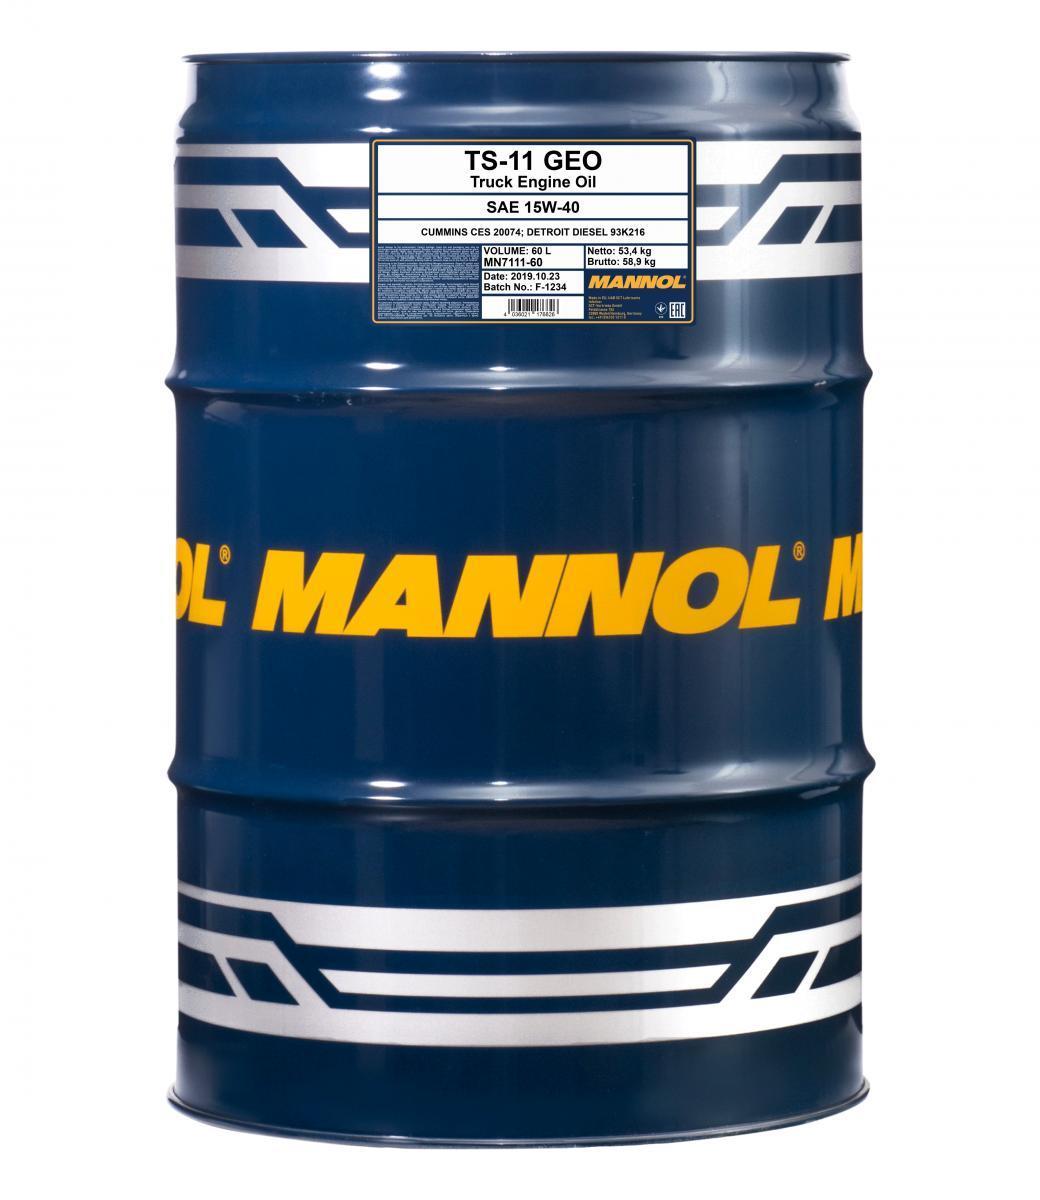 MN7111-60 MANNOL TS-11, SHPD Geo 15W-40, 60l Motoröl MN7111-60 günstig kaufen